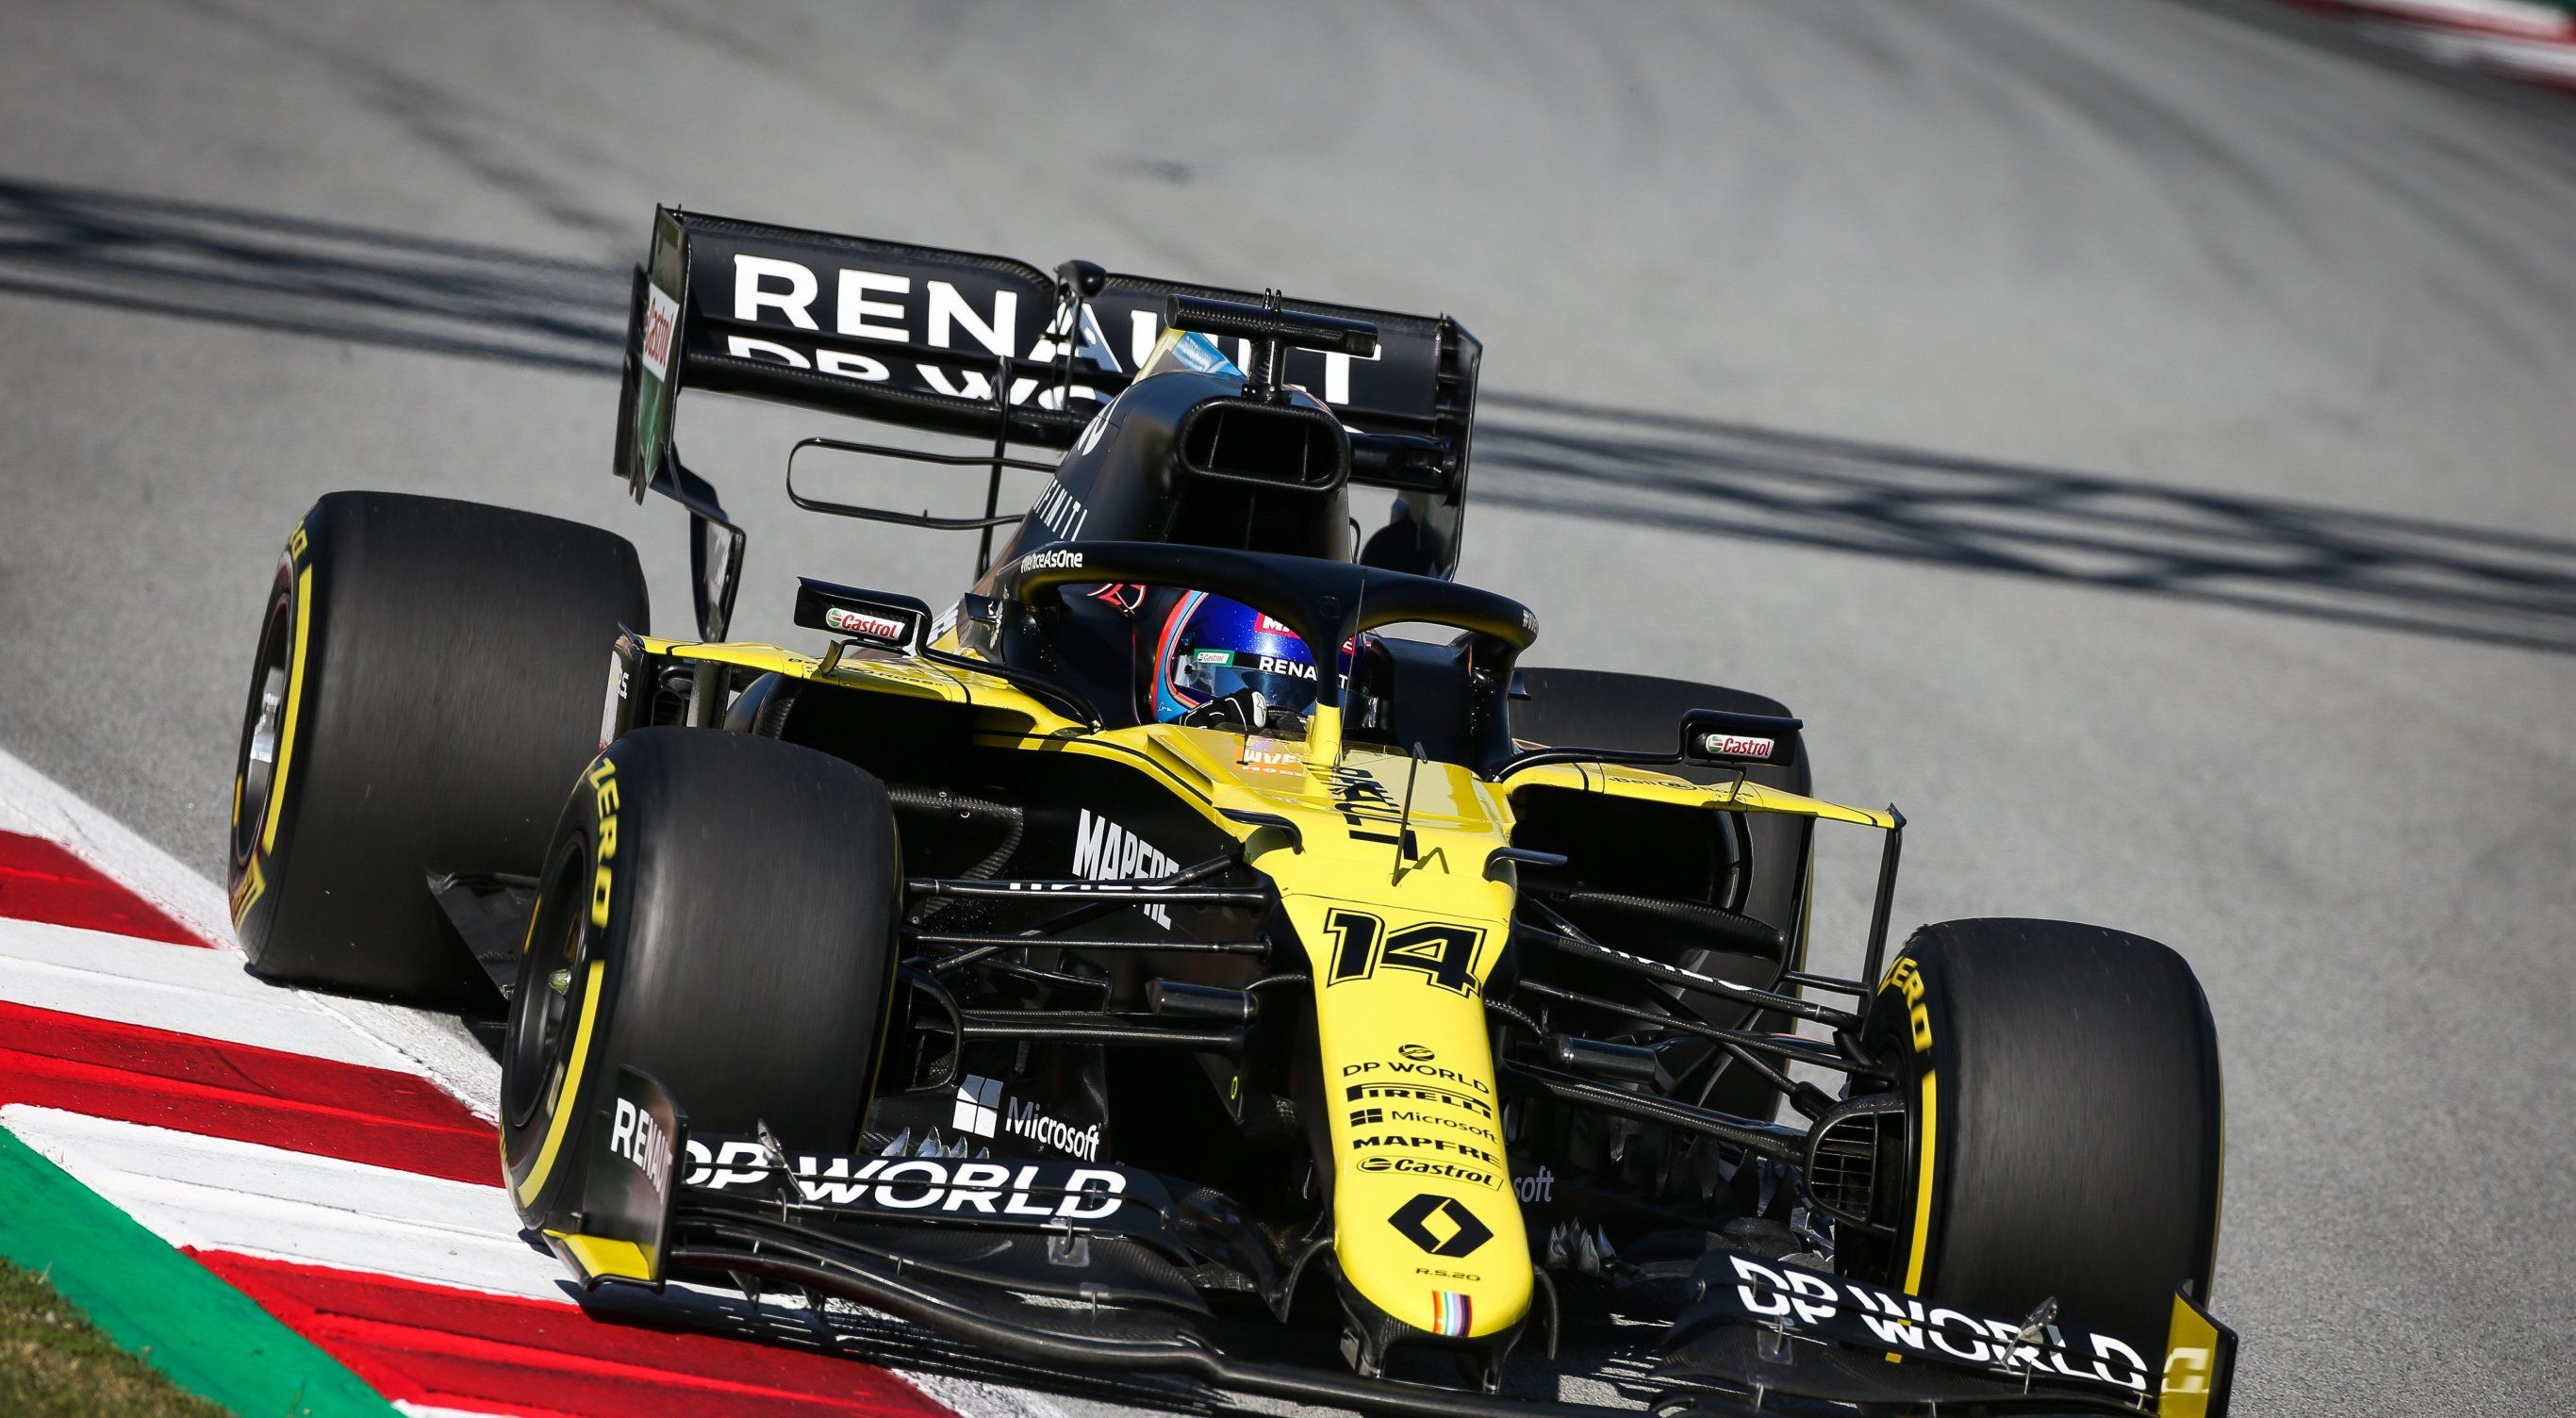 El monoplaza que utilizó Renault en 2020 (Europa Press)